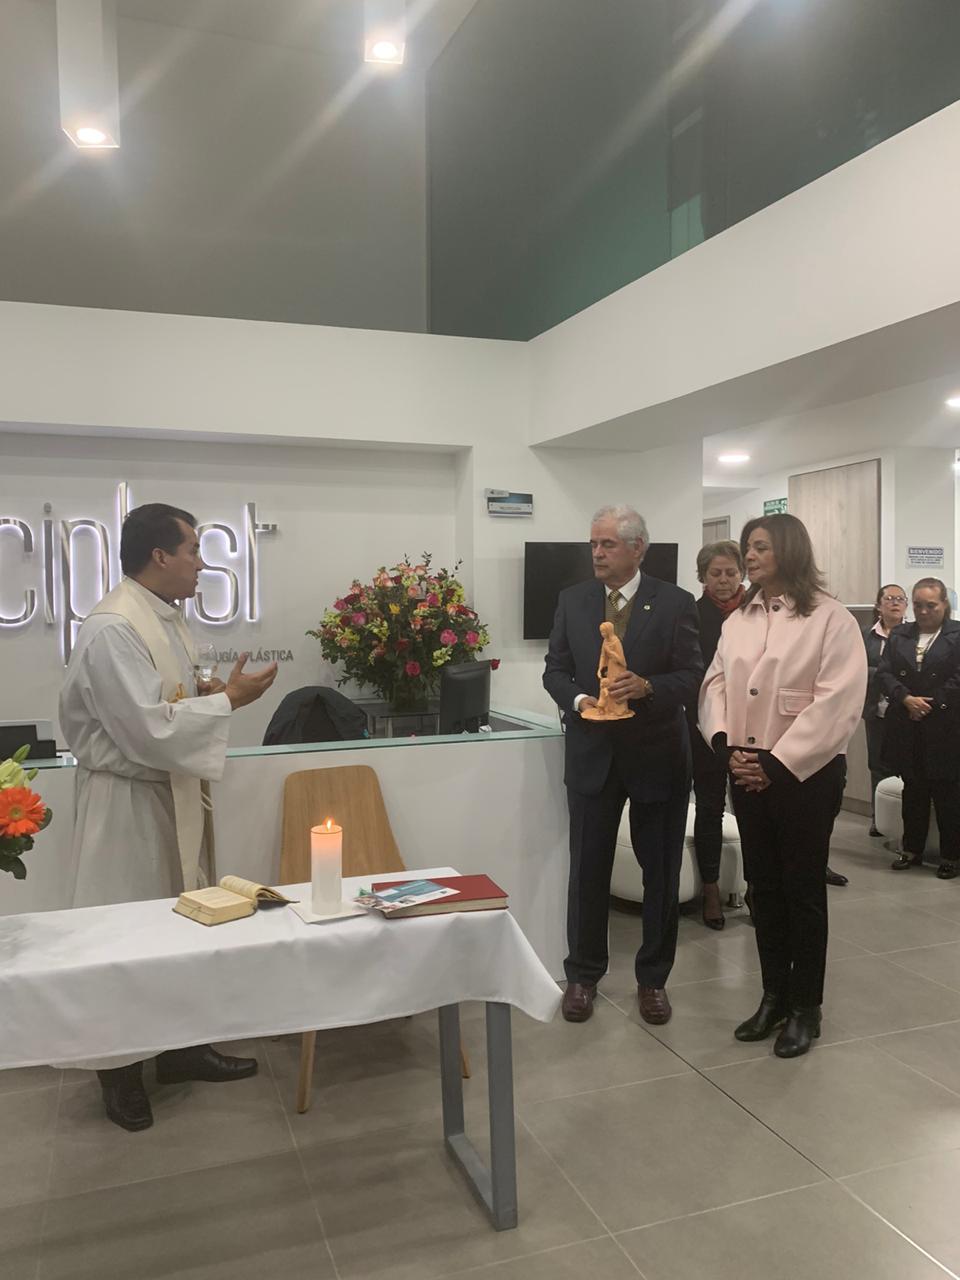 Especialistas en Cirugía Plástica inauguró su nueva sede 6